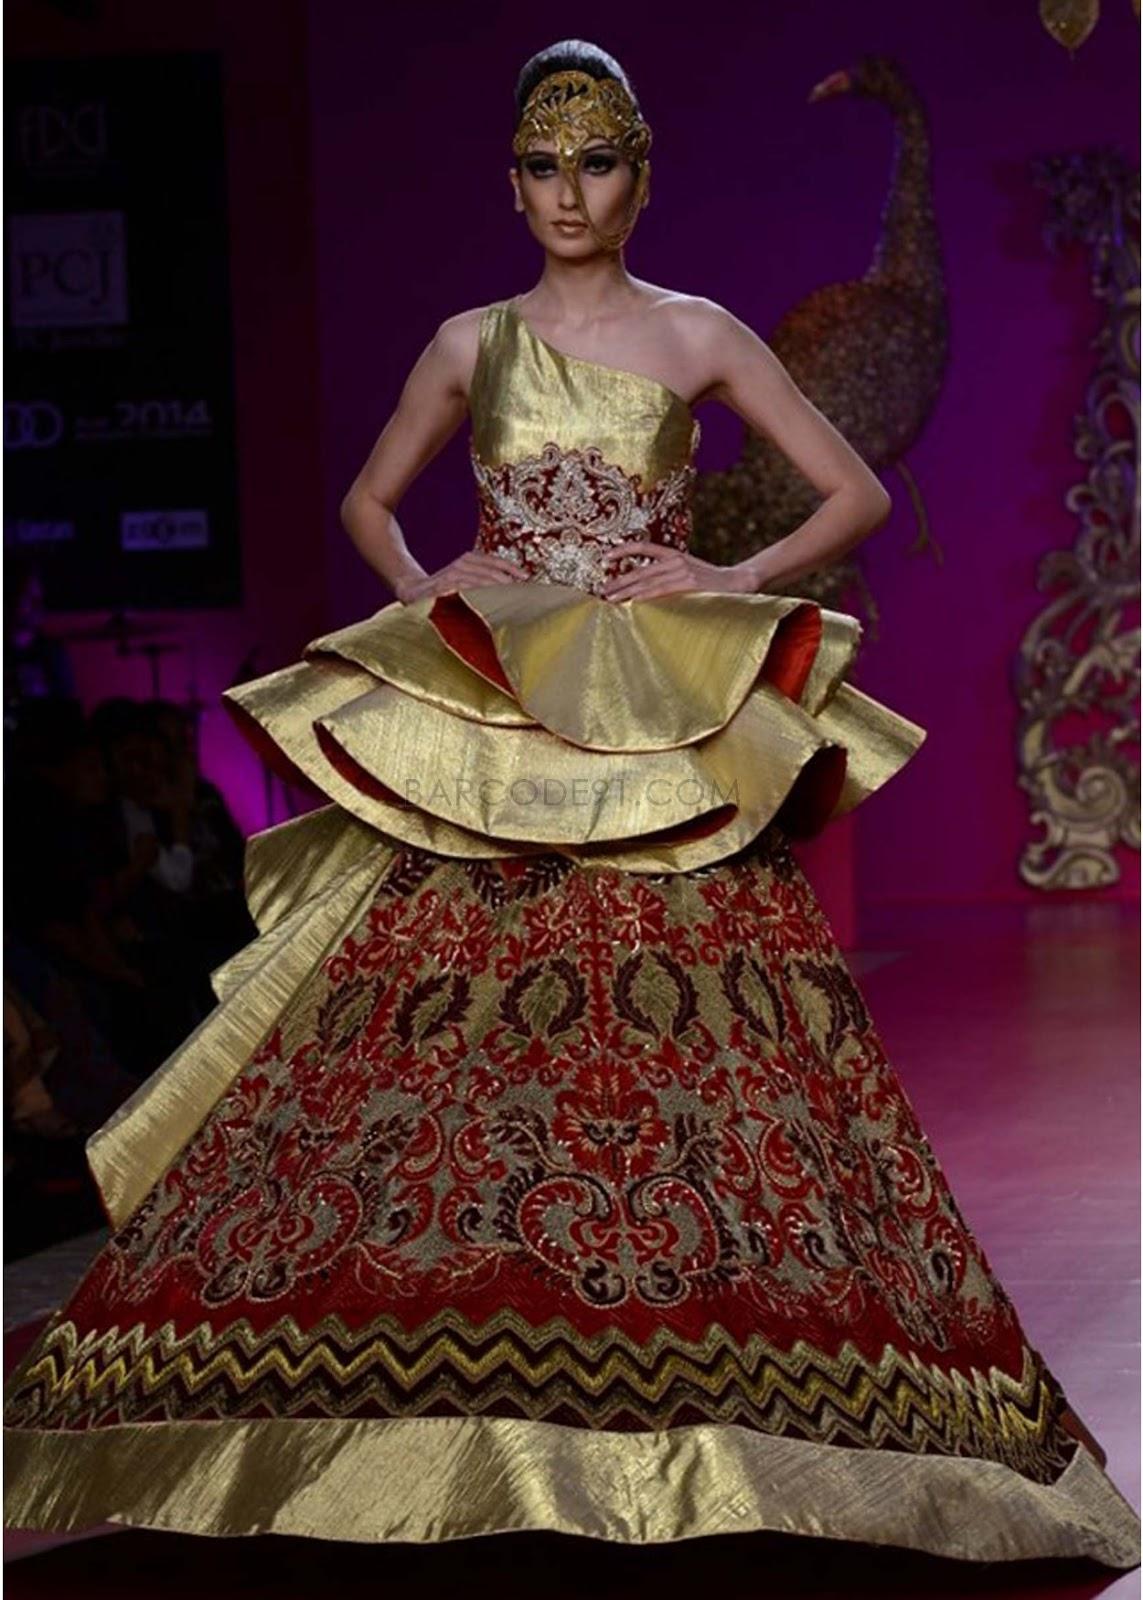 Ritu Beri Collection at PCJ Delhi - 252.7KB